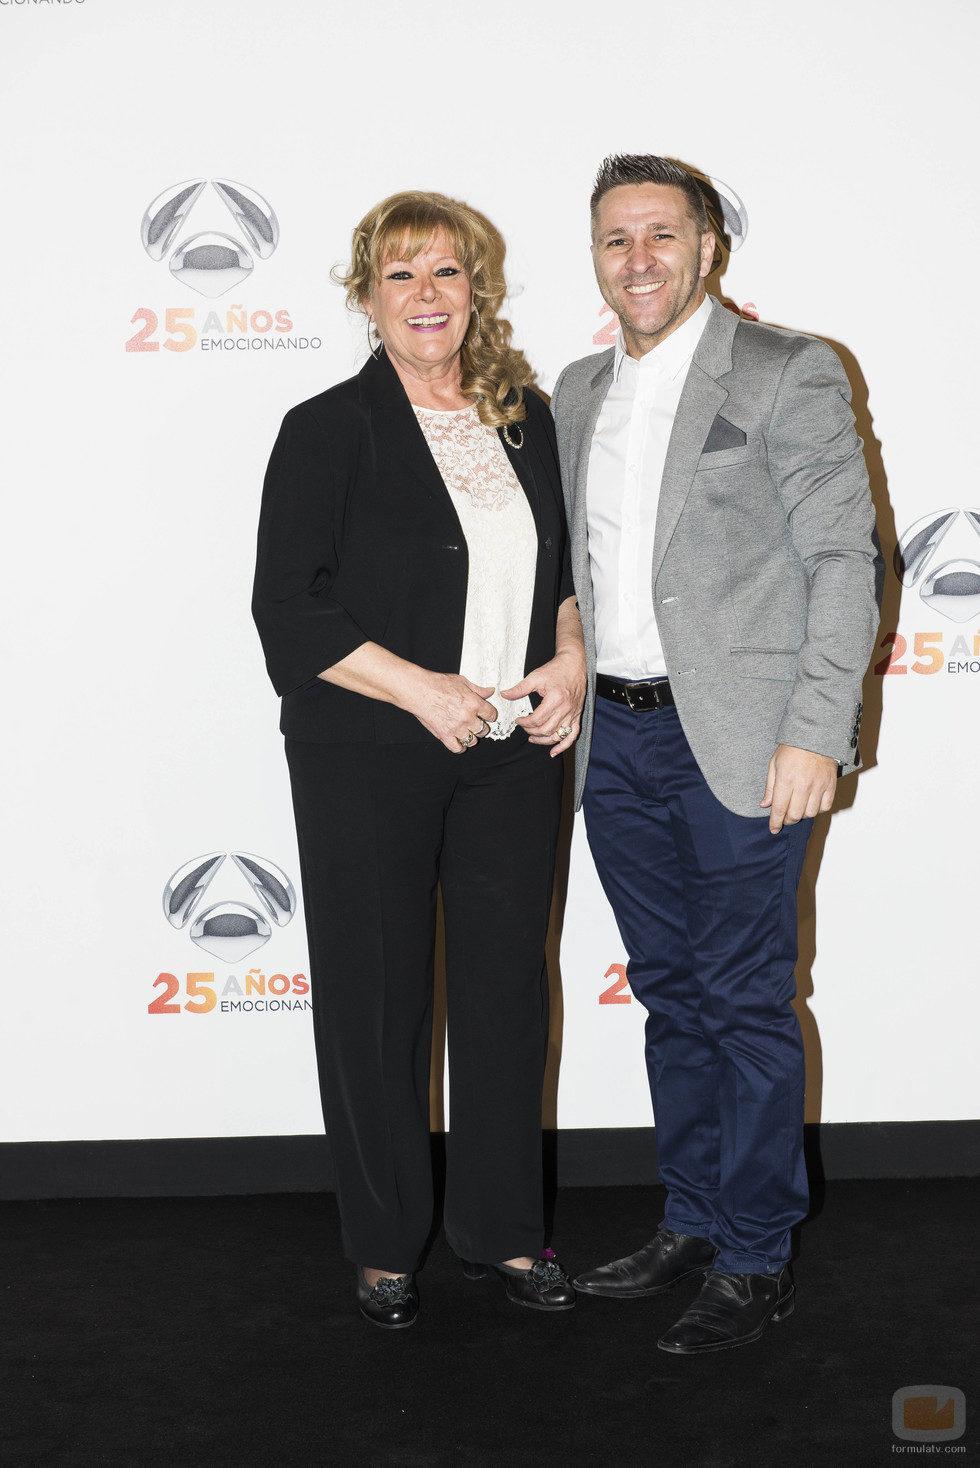 María Garralón y Miguel Ángel Garzón en la fiesta del 25 aniversario